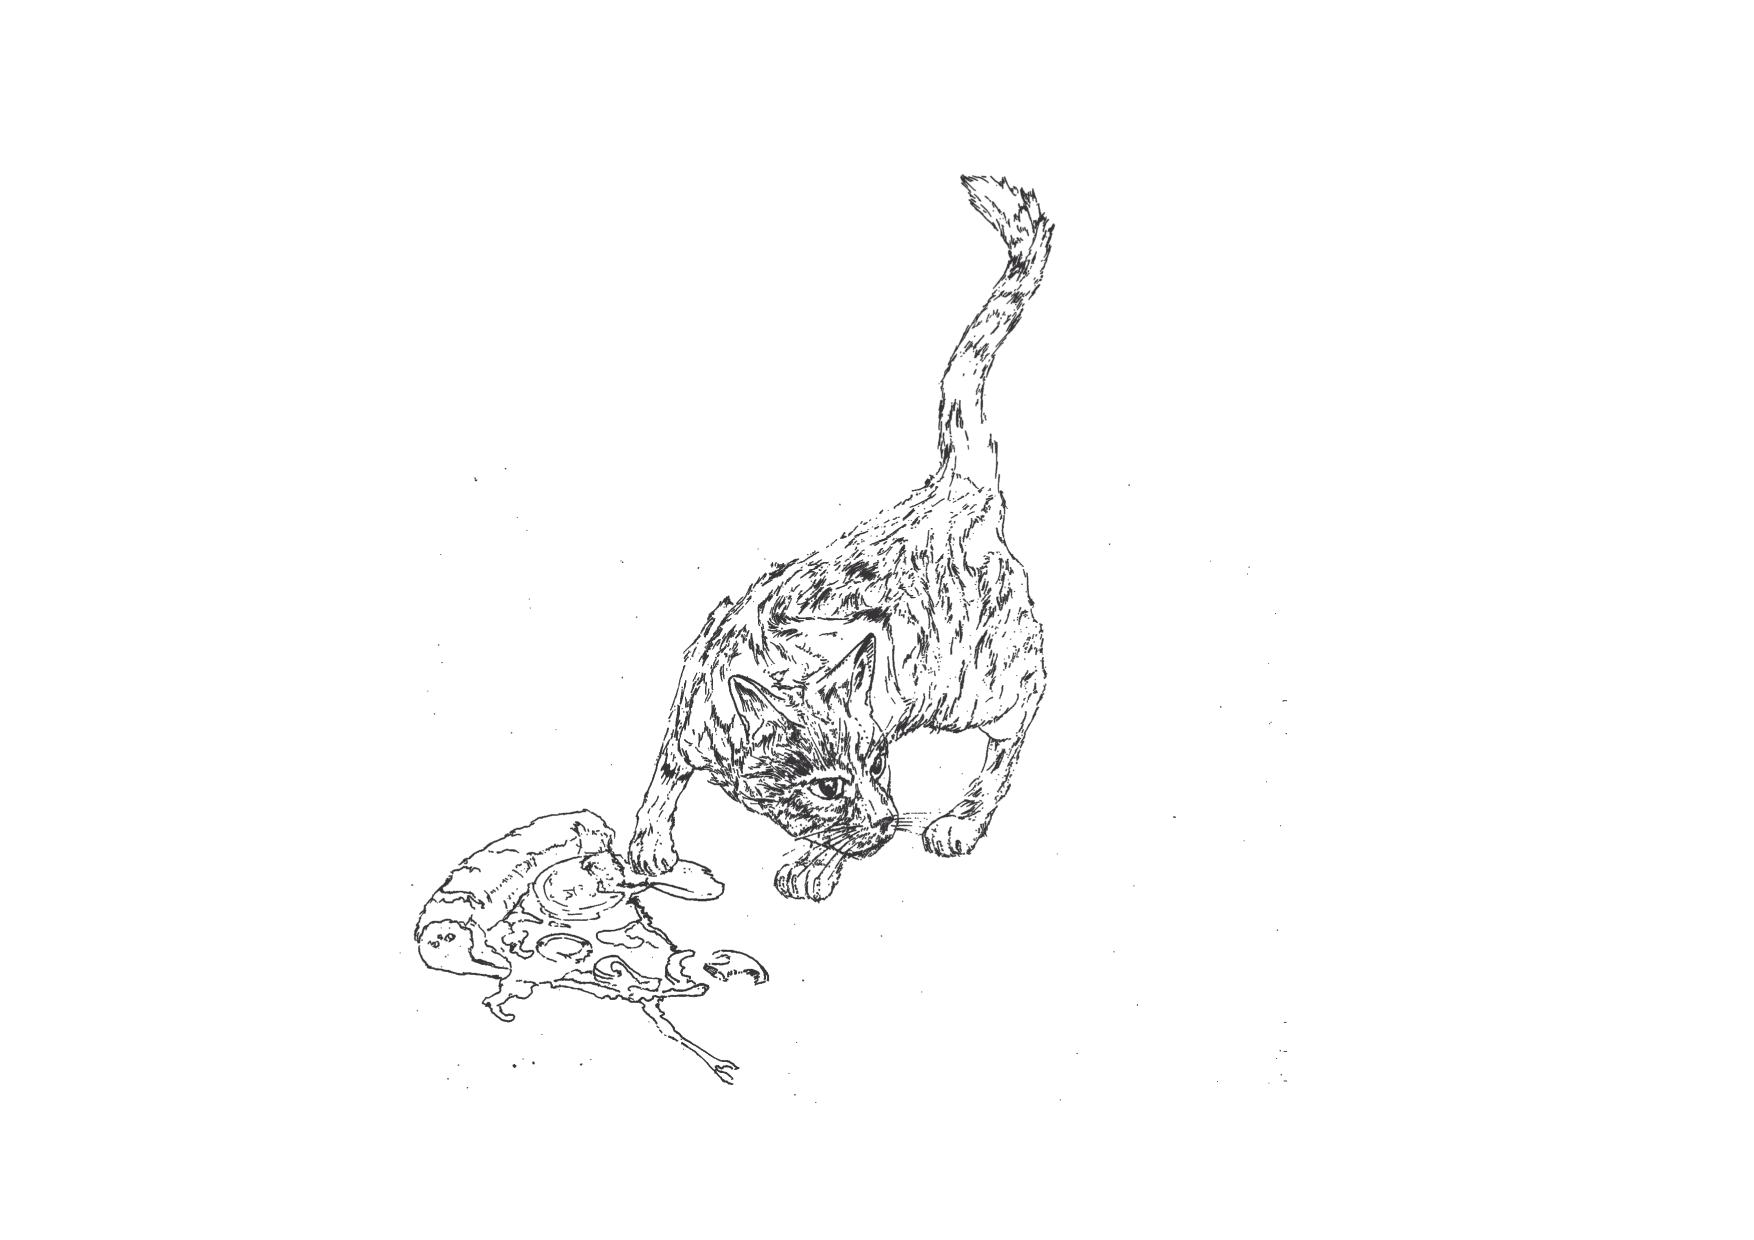 Comic: Eine schwarz-weiße Zeichnung einer getigerten Katze, die ein Stück Pizza gegessen hat.